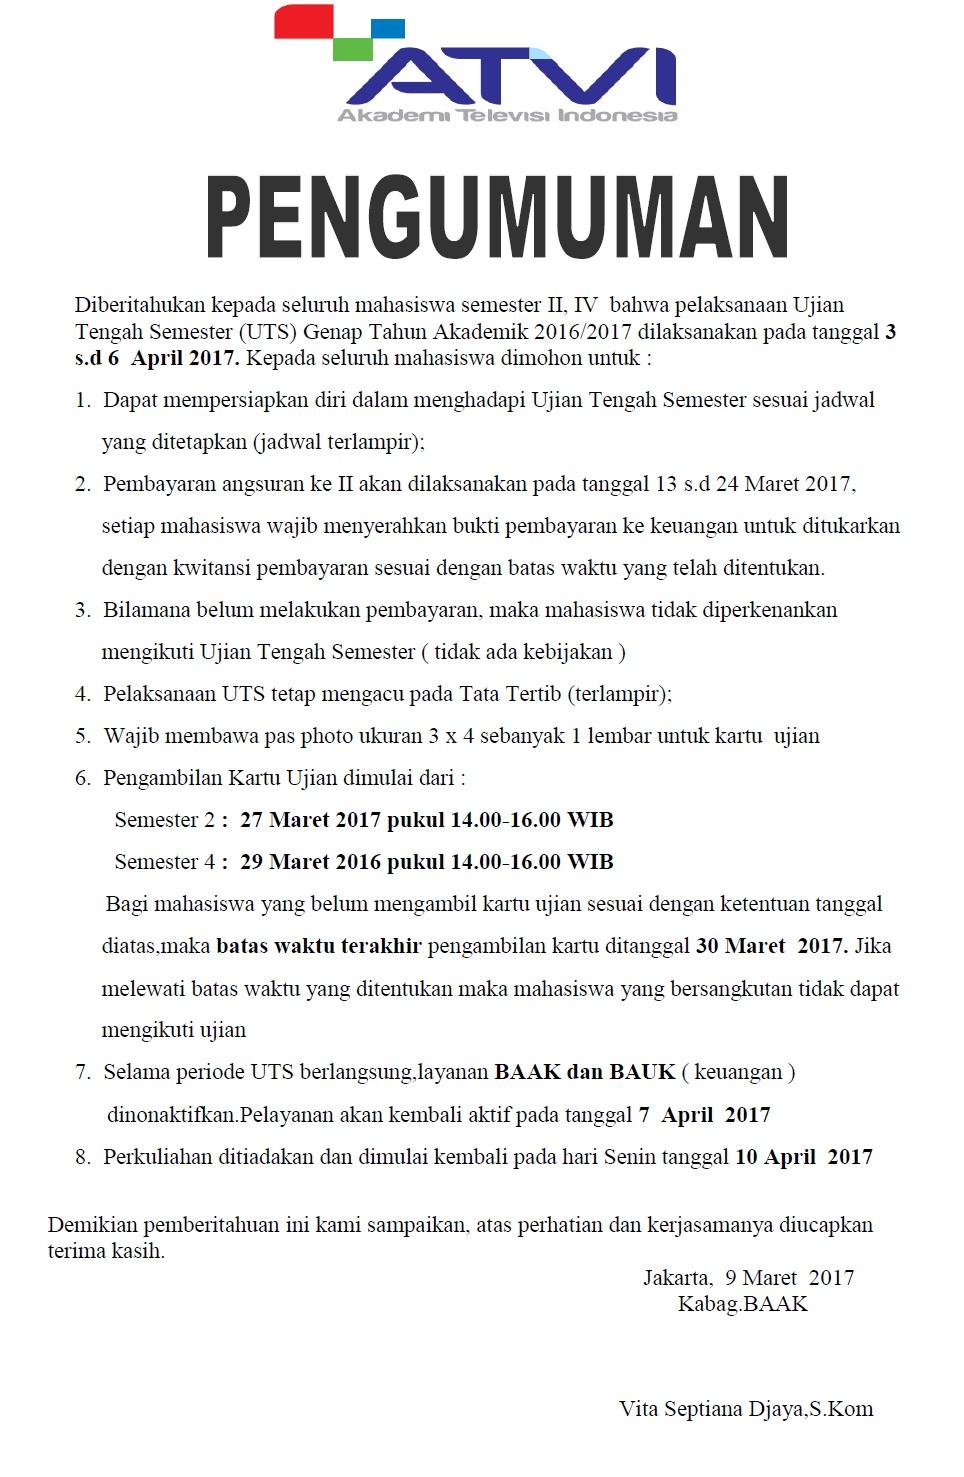 Ujian Tengah Semester (UTS) Genap Tahun Akademik 2016-2017